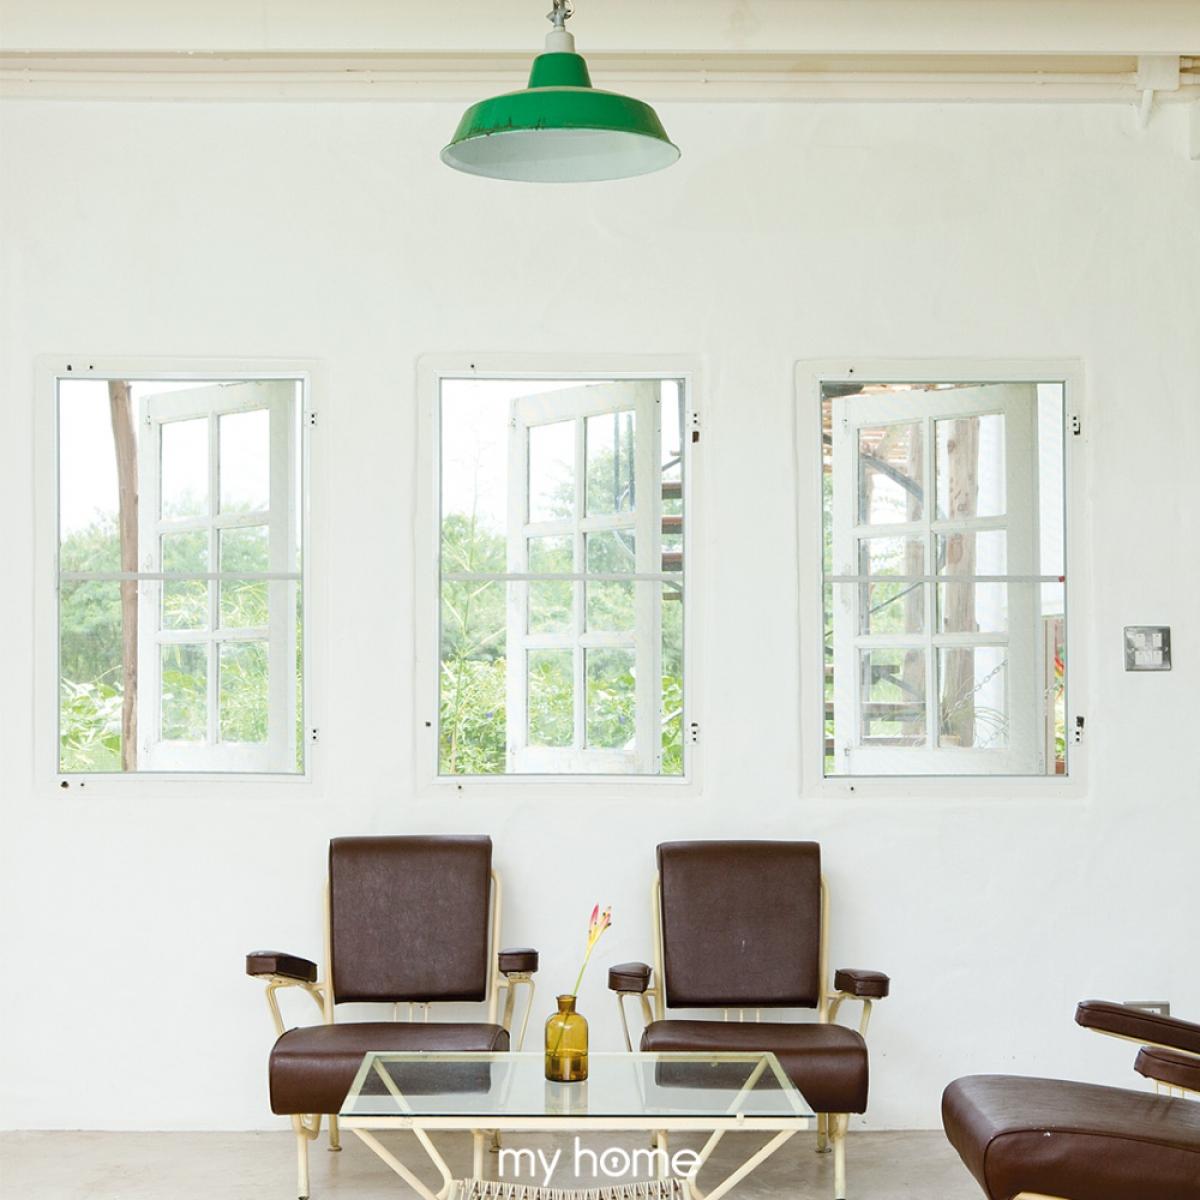 """Việc thiết kế nhiều cửa sổ sẽ giúp không gian bên trong được hưởng """"lộc"""" từ vườn cây xanh bên ngoài."""